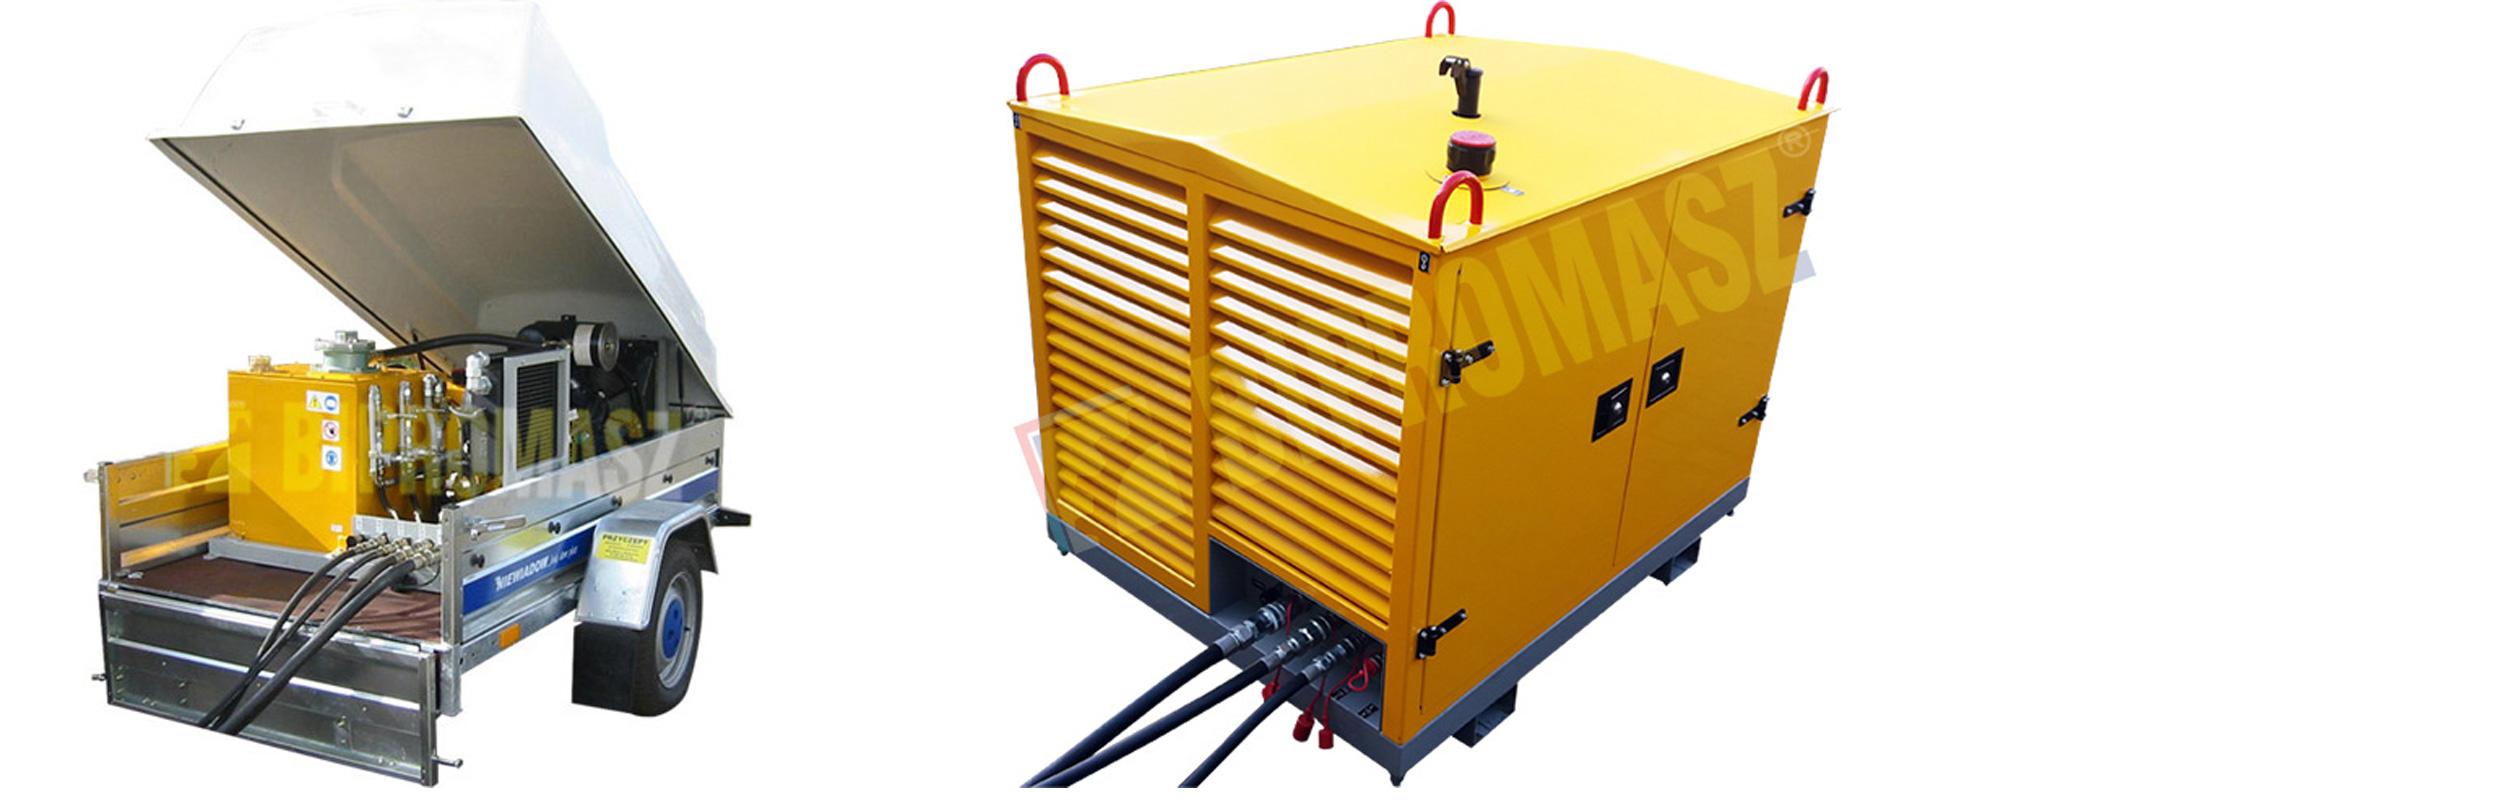 Hydrauliczny Agregat Spalinowy HAS-25 produkcji firmy Bipromasz